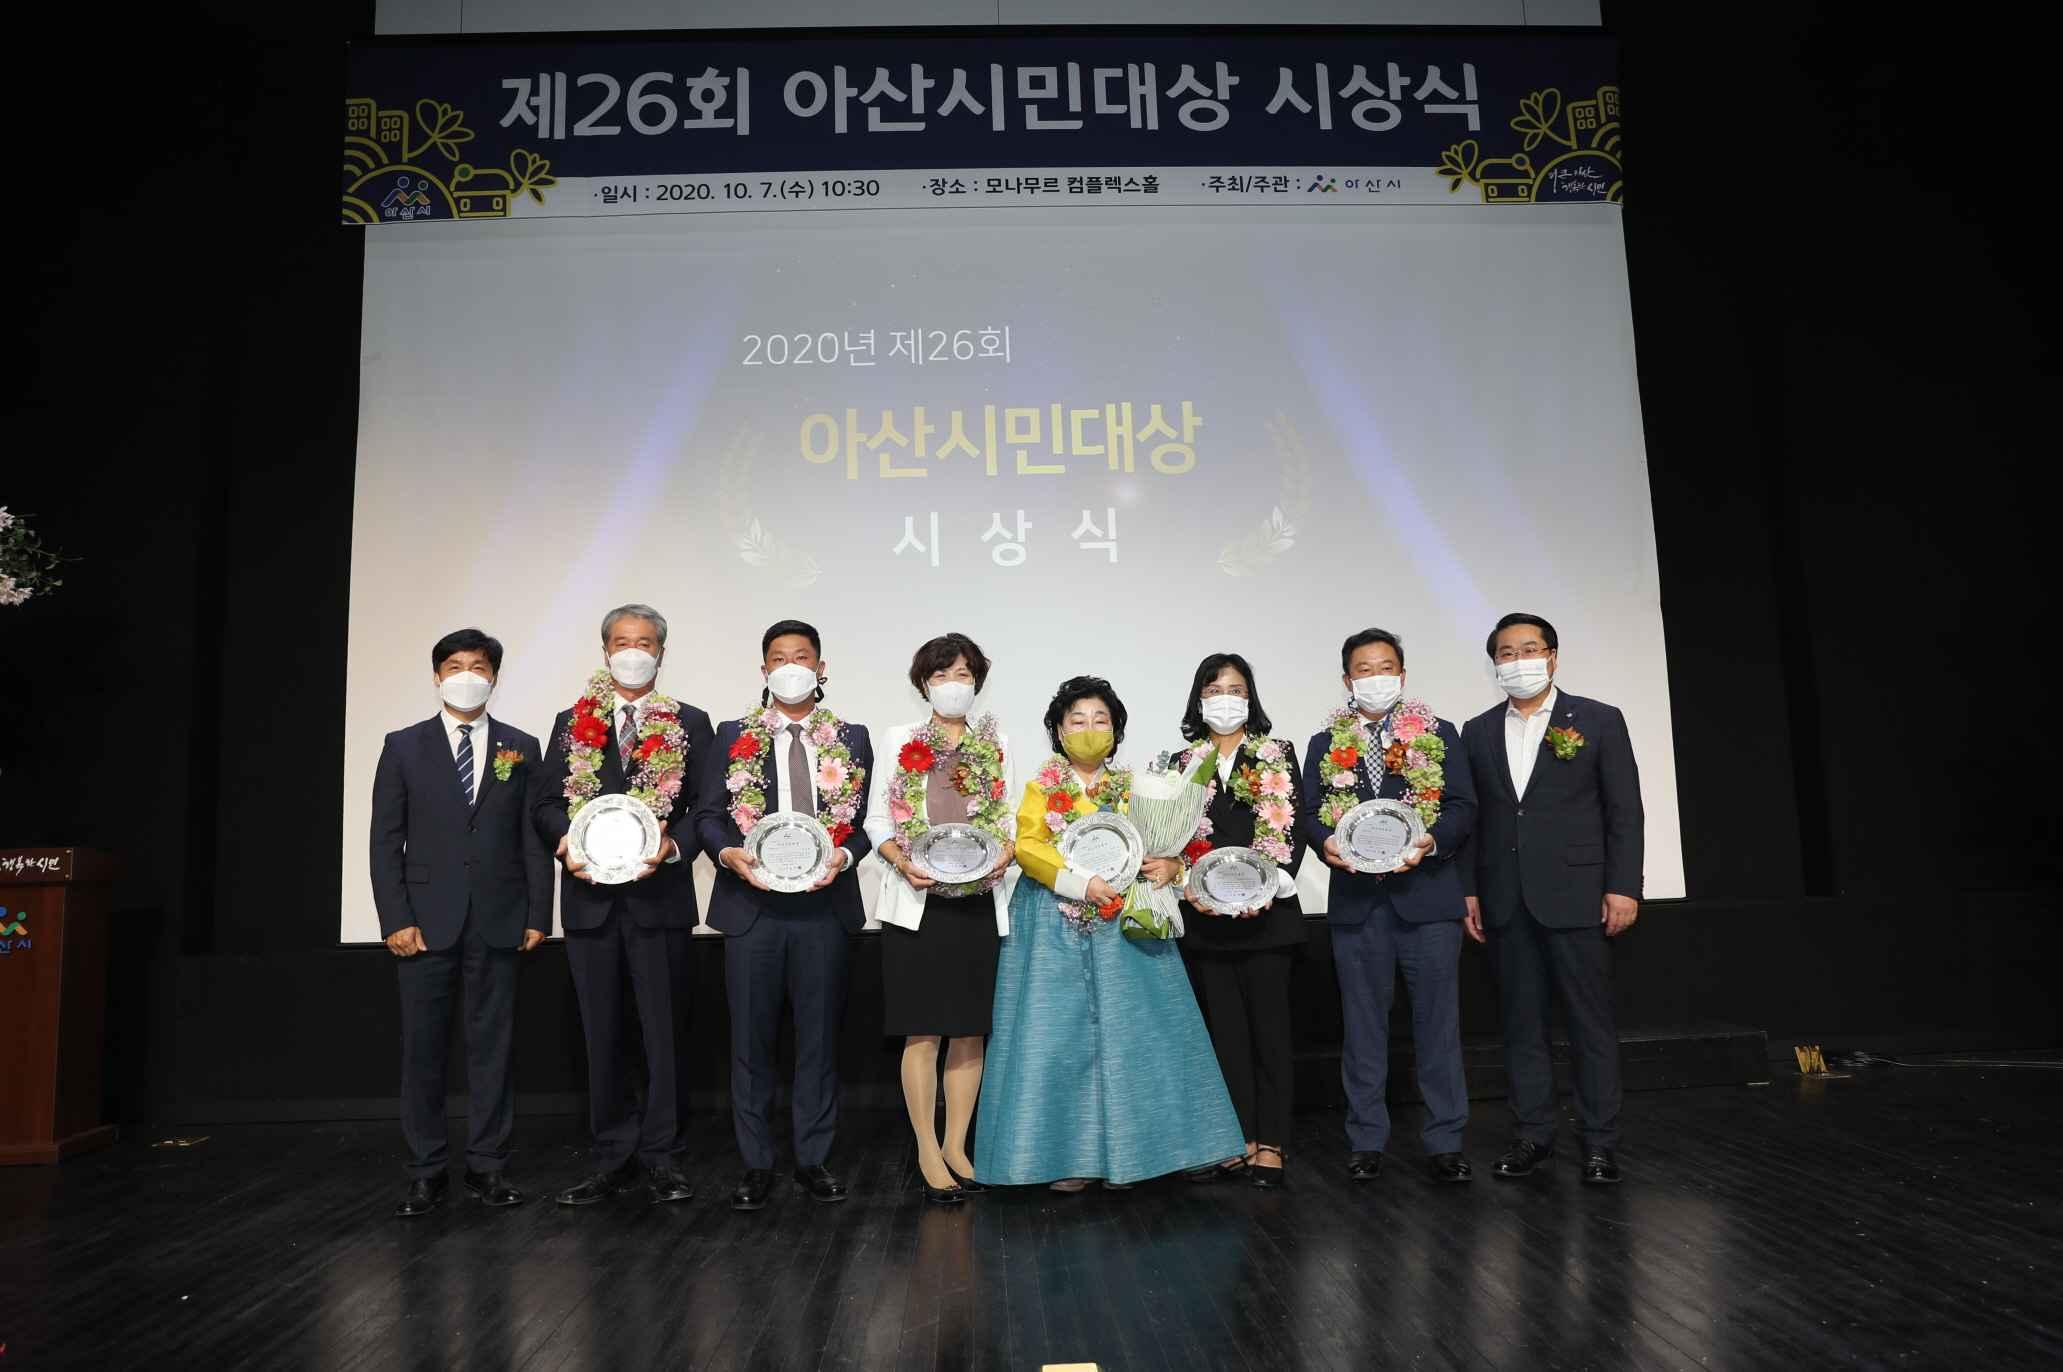 아산시, 제26회 아산시민대상 시상식 개최 관련사진